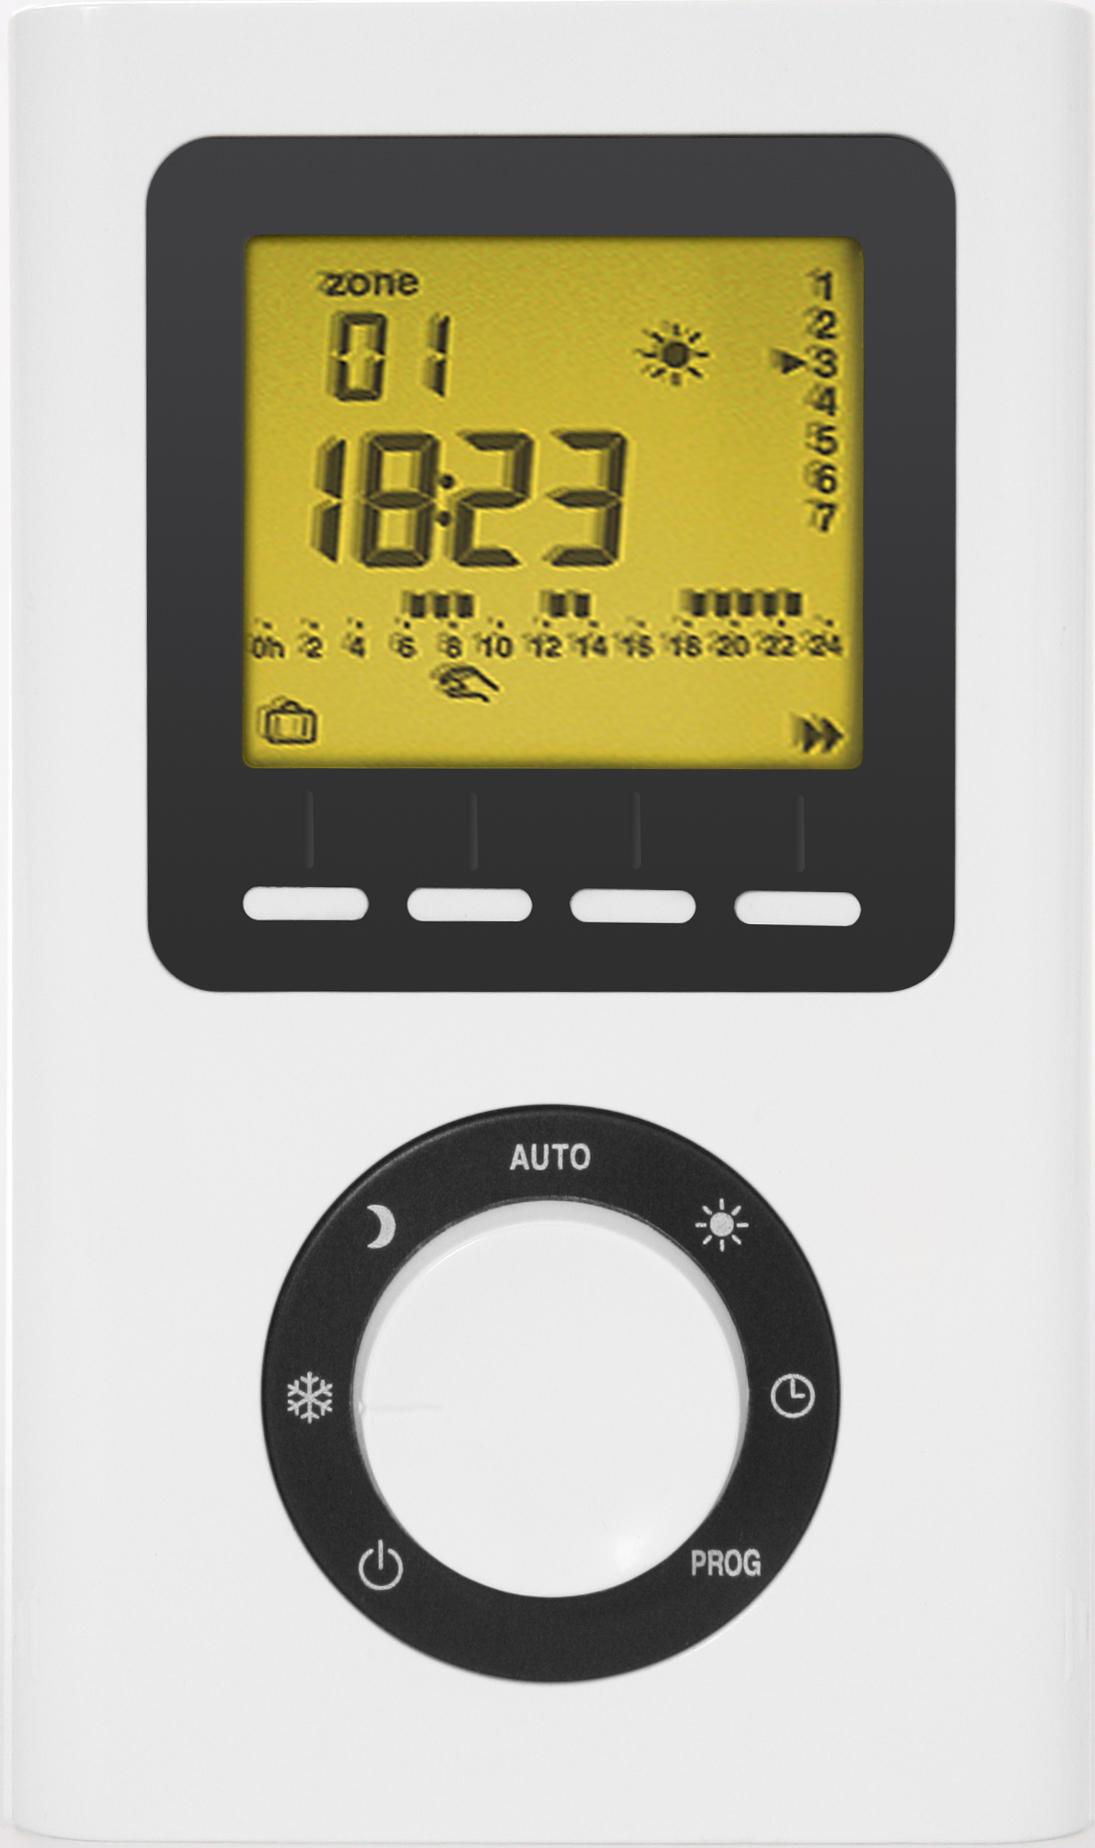 Θερμοστάτης & Θερμική Αντίσταση TERMA TT IR